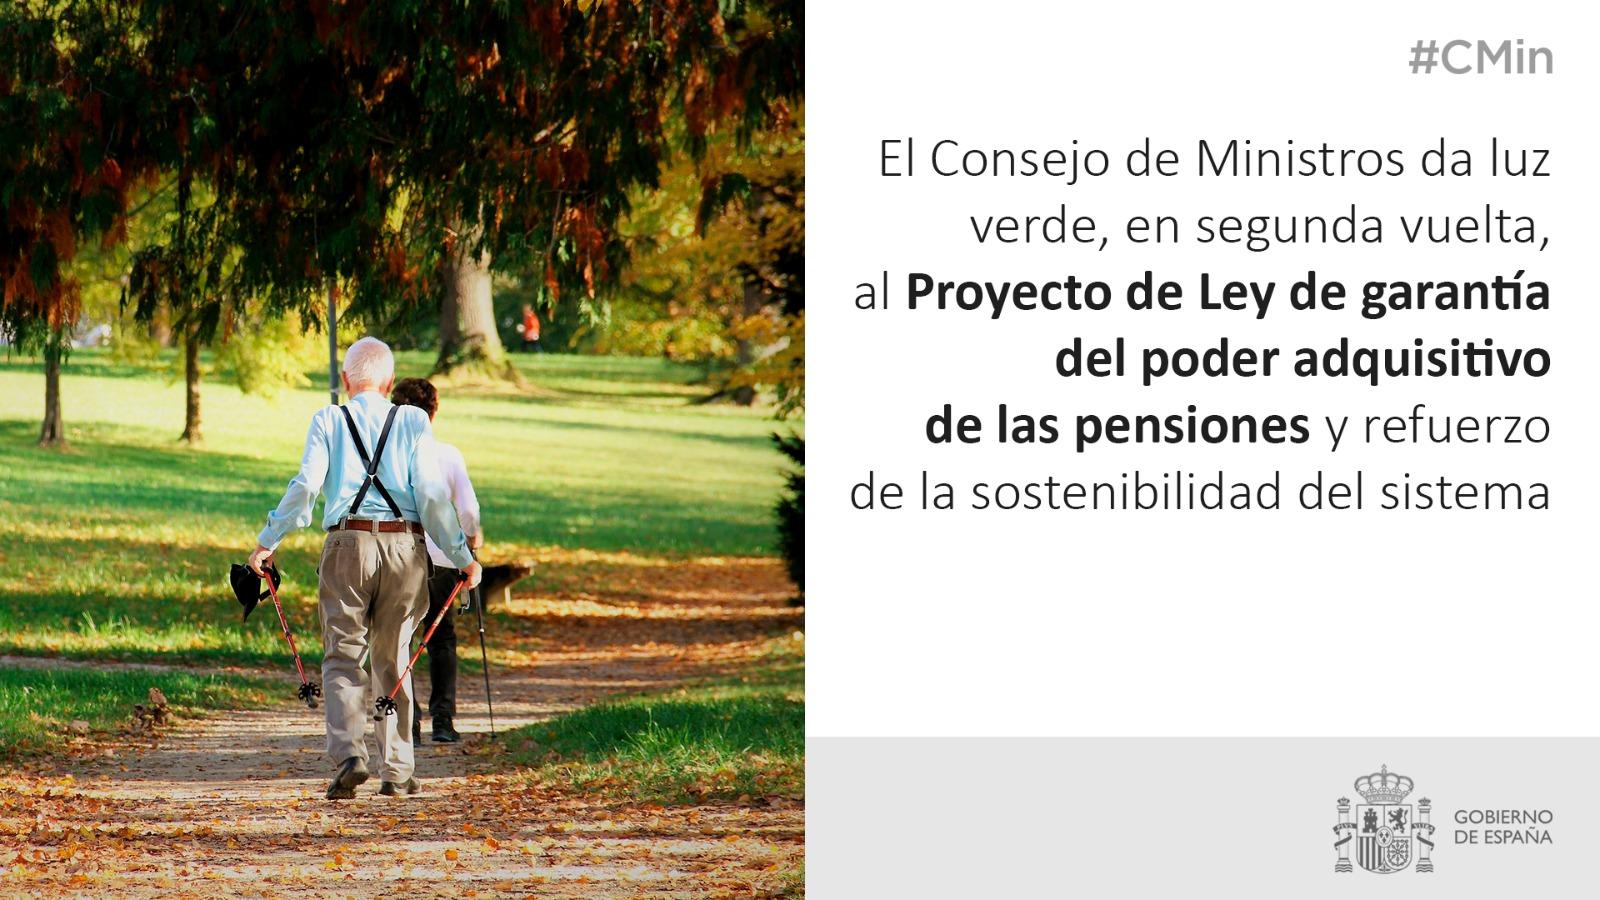 aprobado el proyecto de ley para garantizar el poder adquisitivo de las pensiones